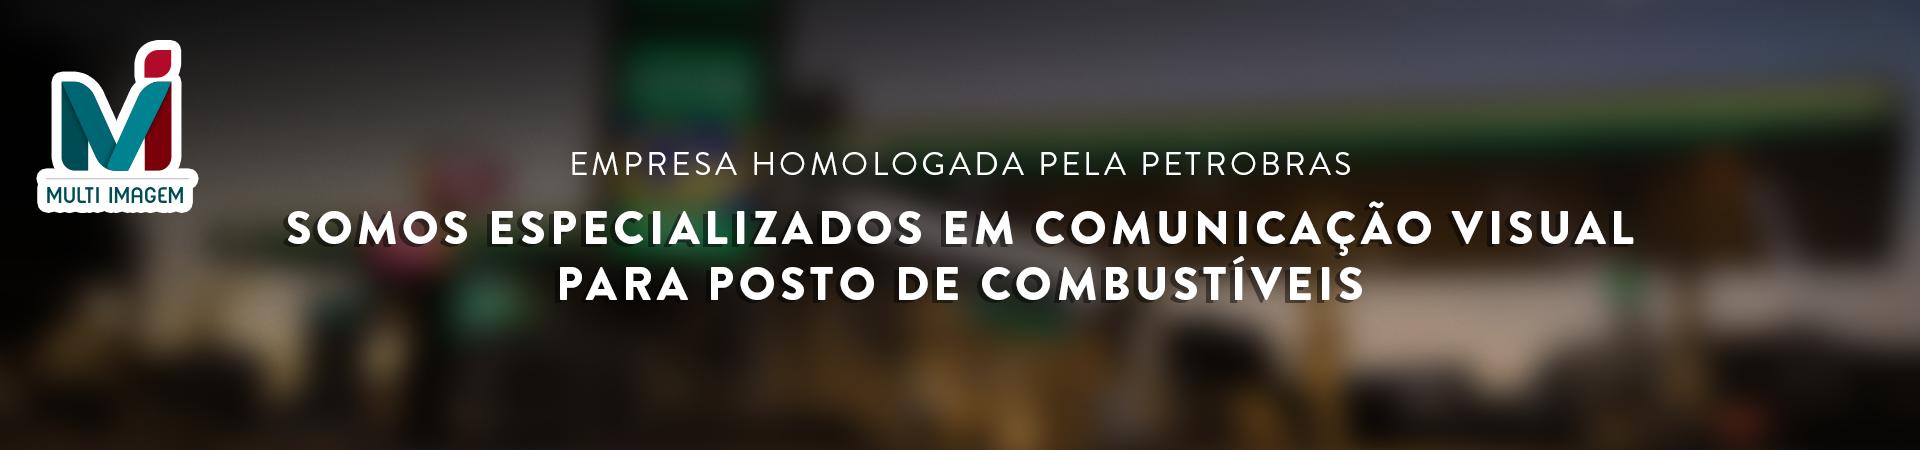 Empresa Homologada pela Petrobras